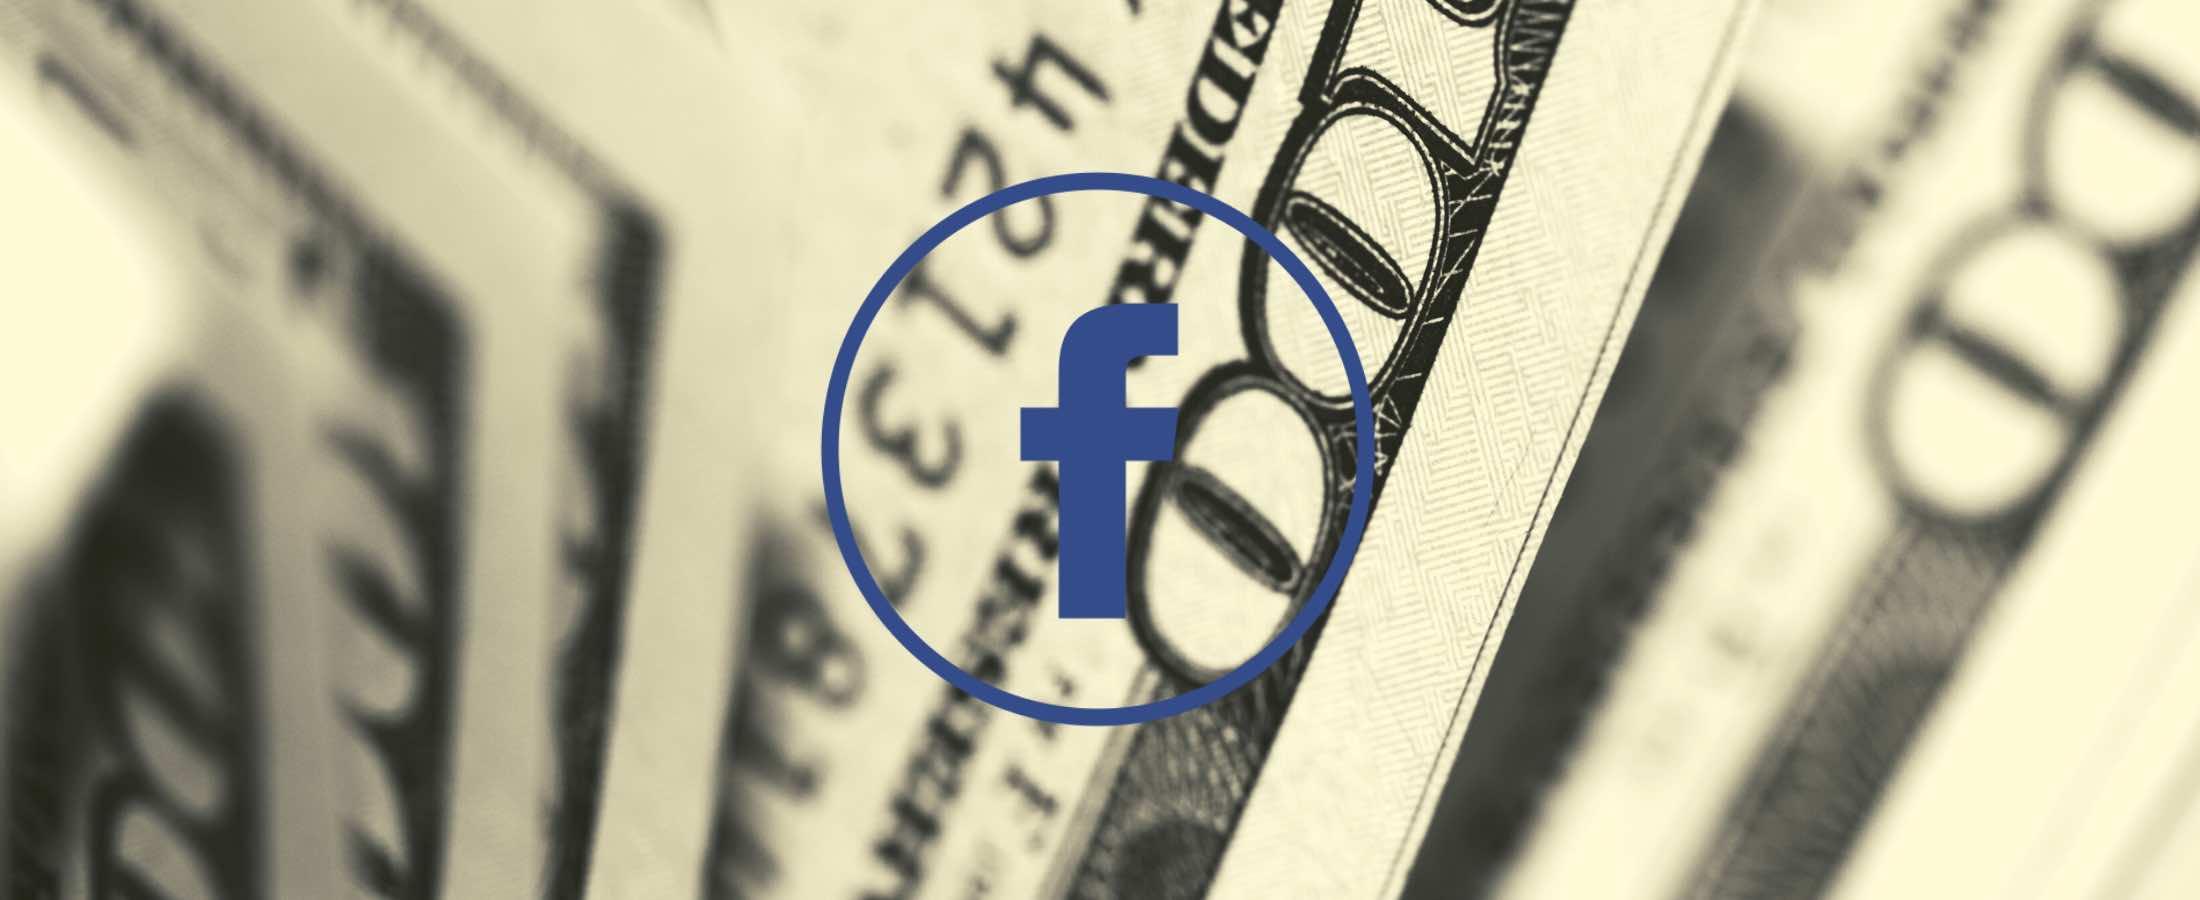 Facebook Ads : Prix, coûts, budgets… Les réponses à vos questions